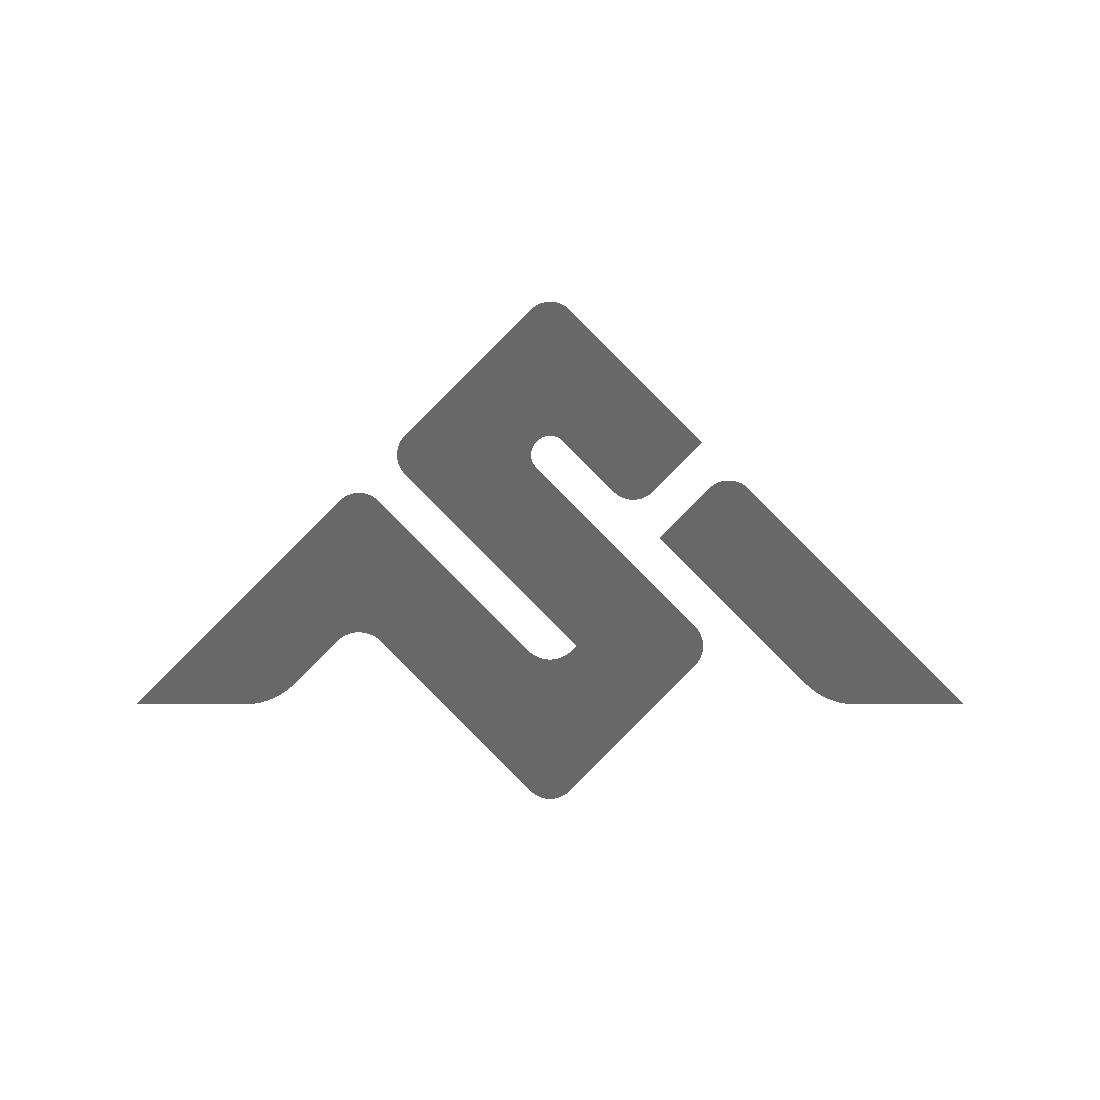 blunt kos soul s5 stunt scooter kaufen scooter shop. Black Bedroom Furniture Sets. Home Design Ideas